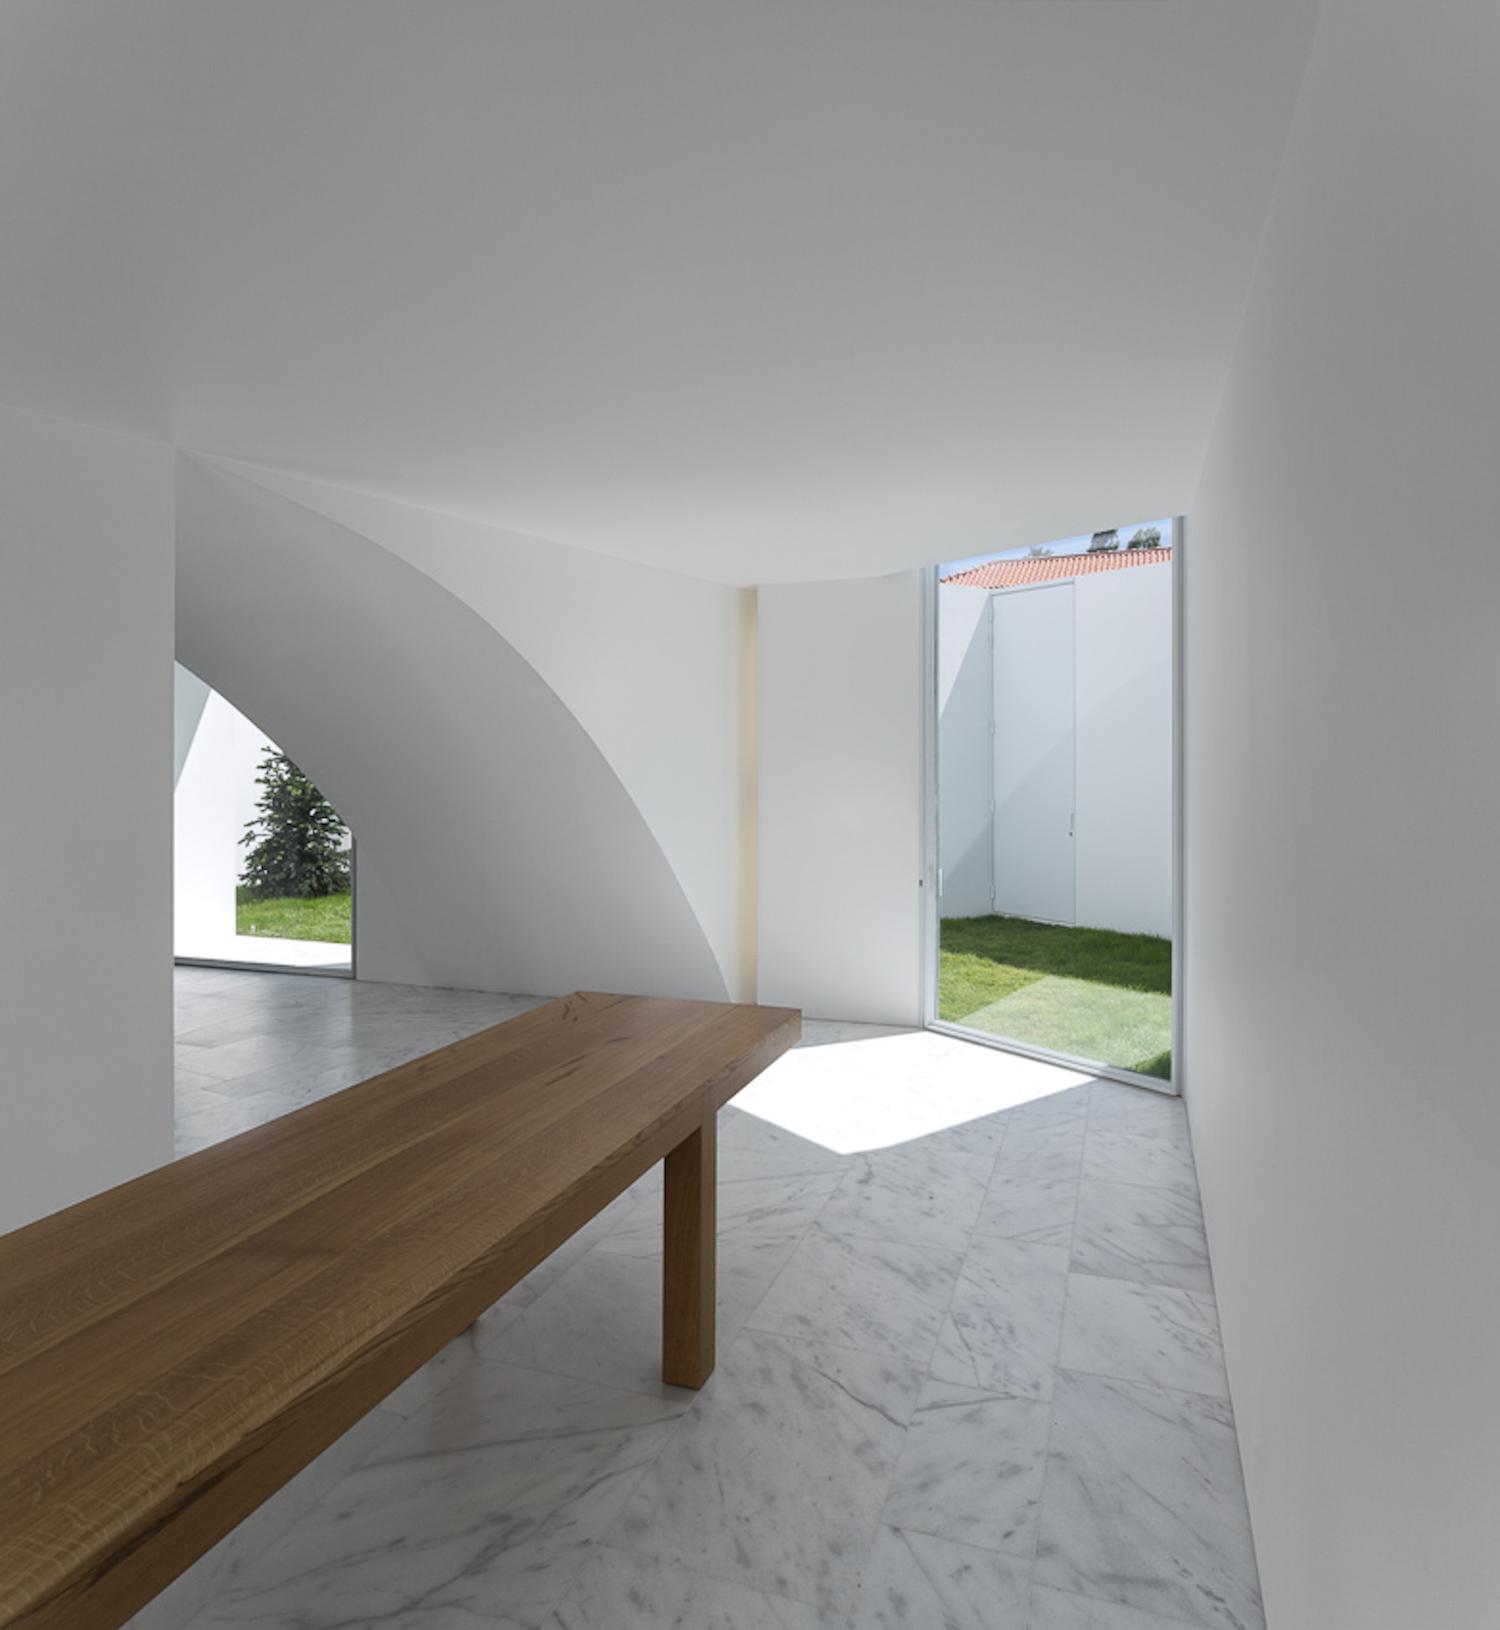 architecture_airesmateus_alcobaca_10